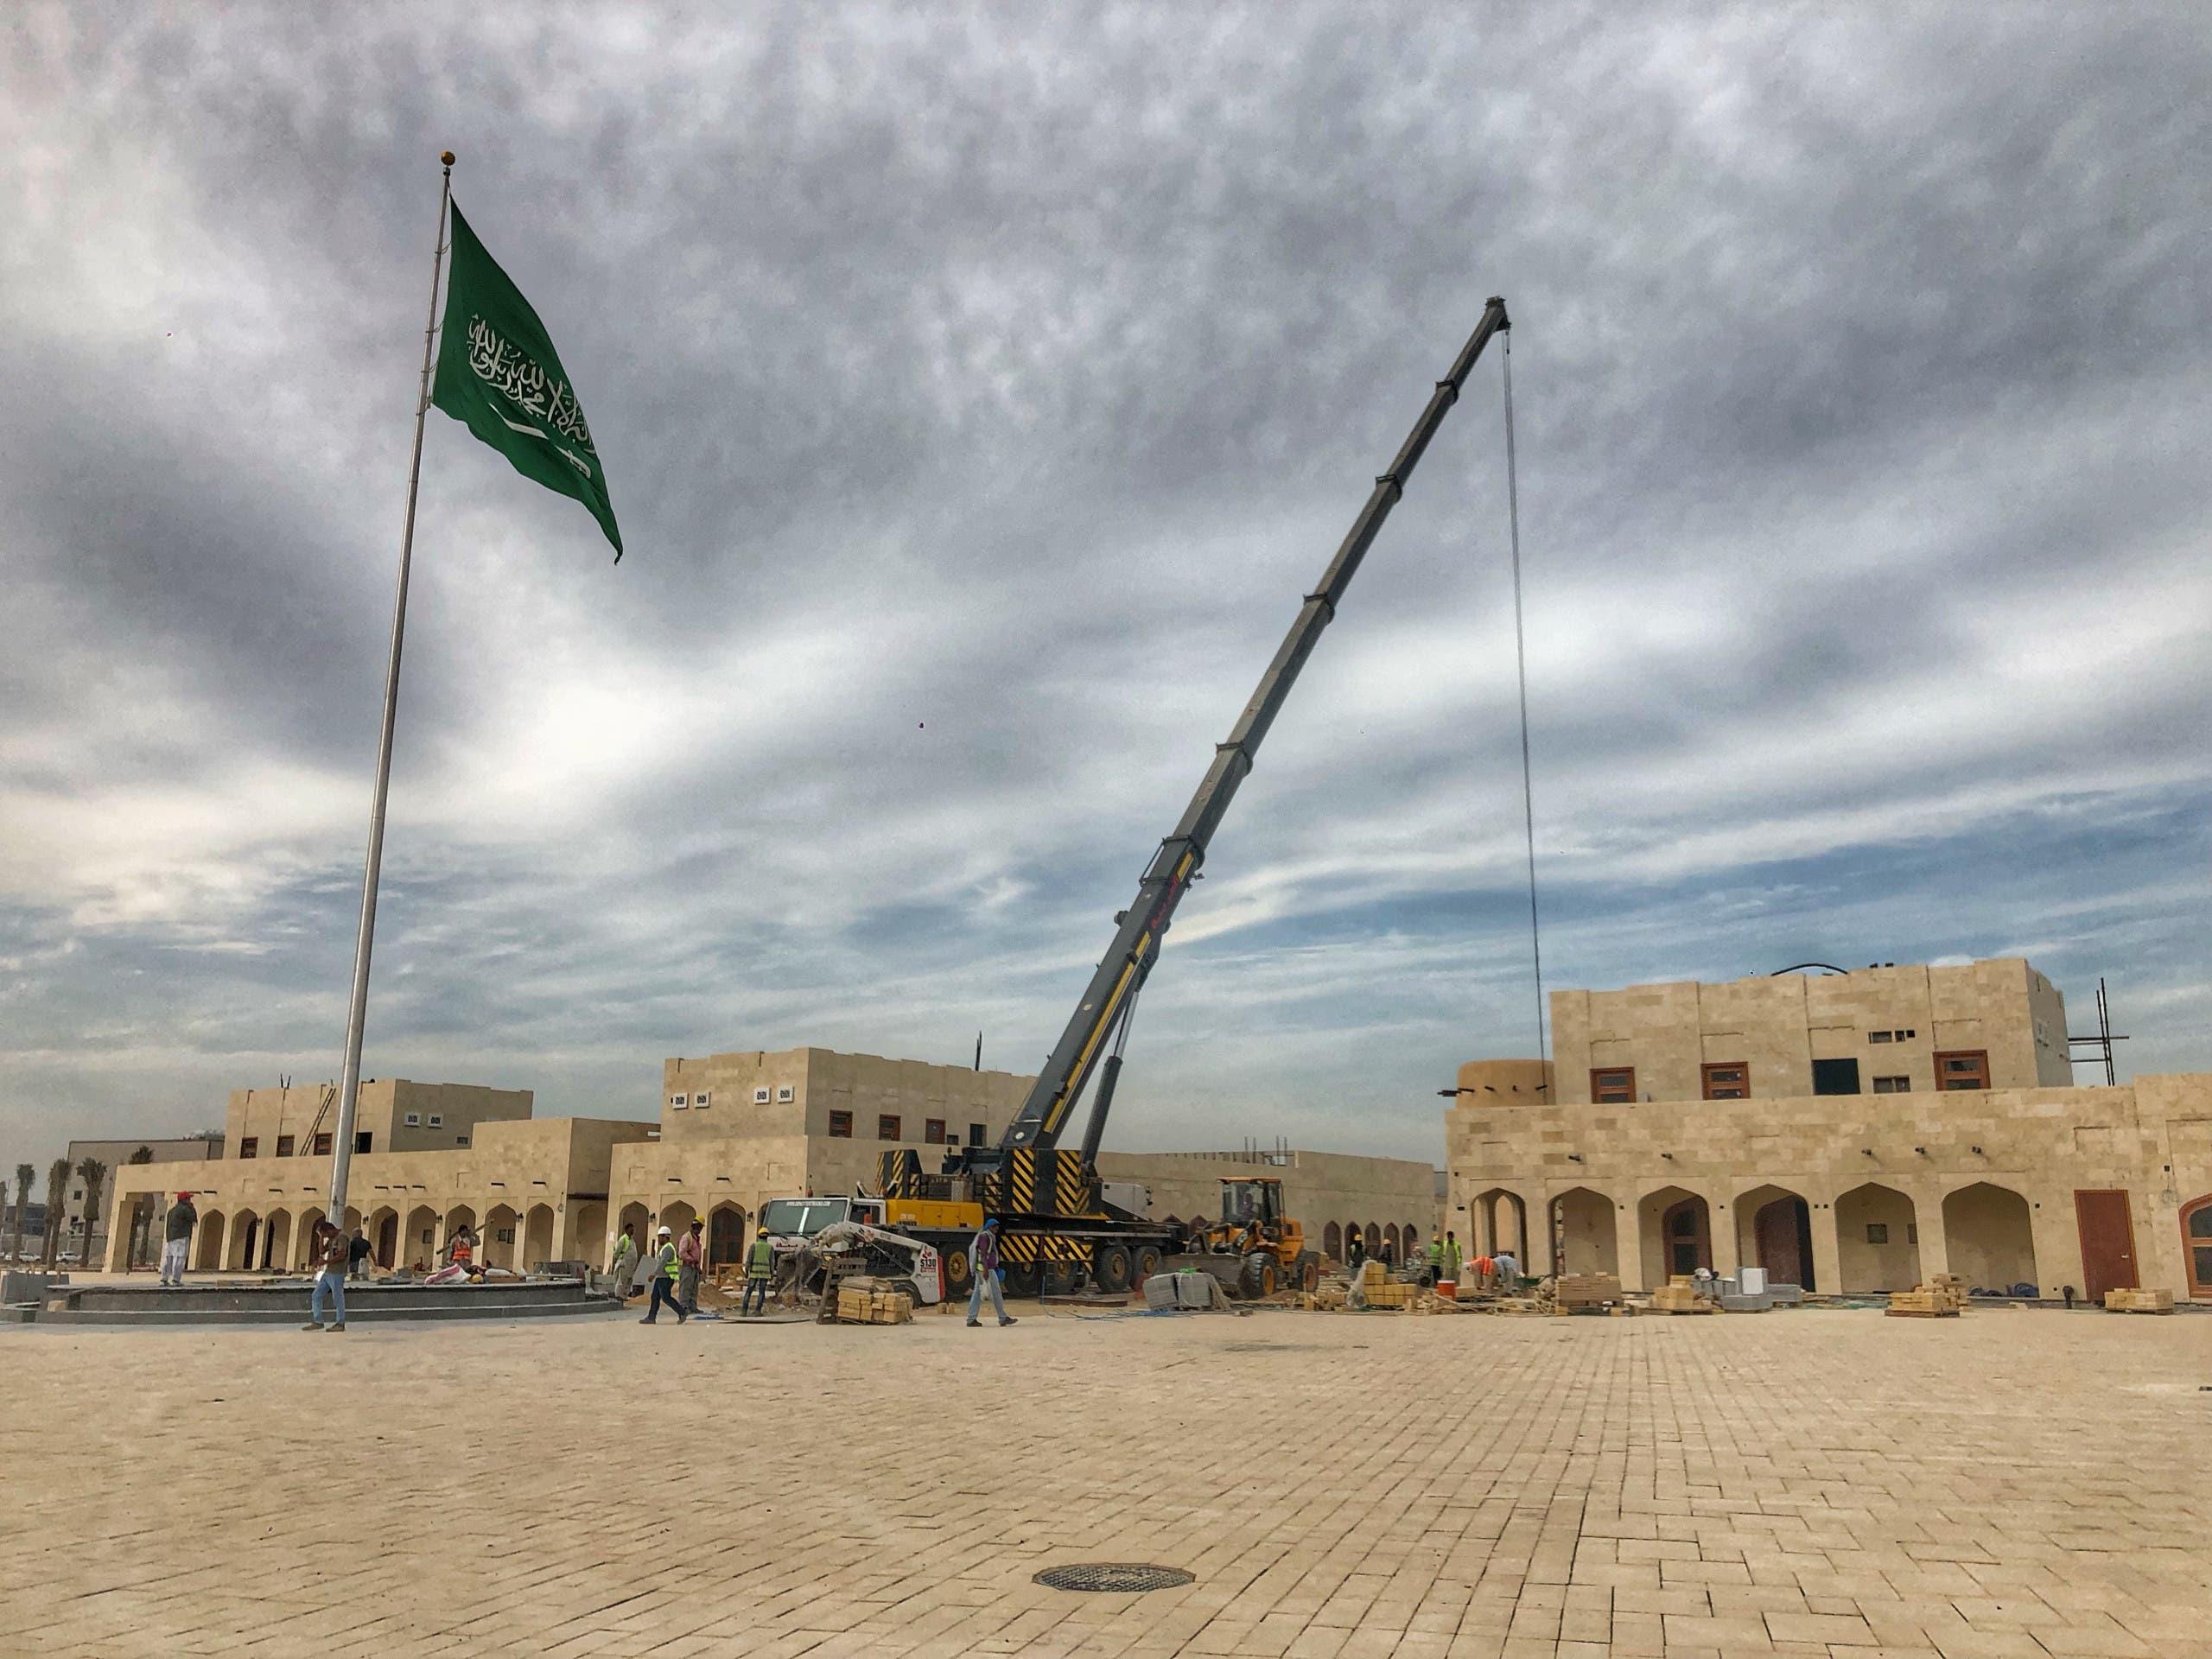 Saudi Arabia's Awamiya 3